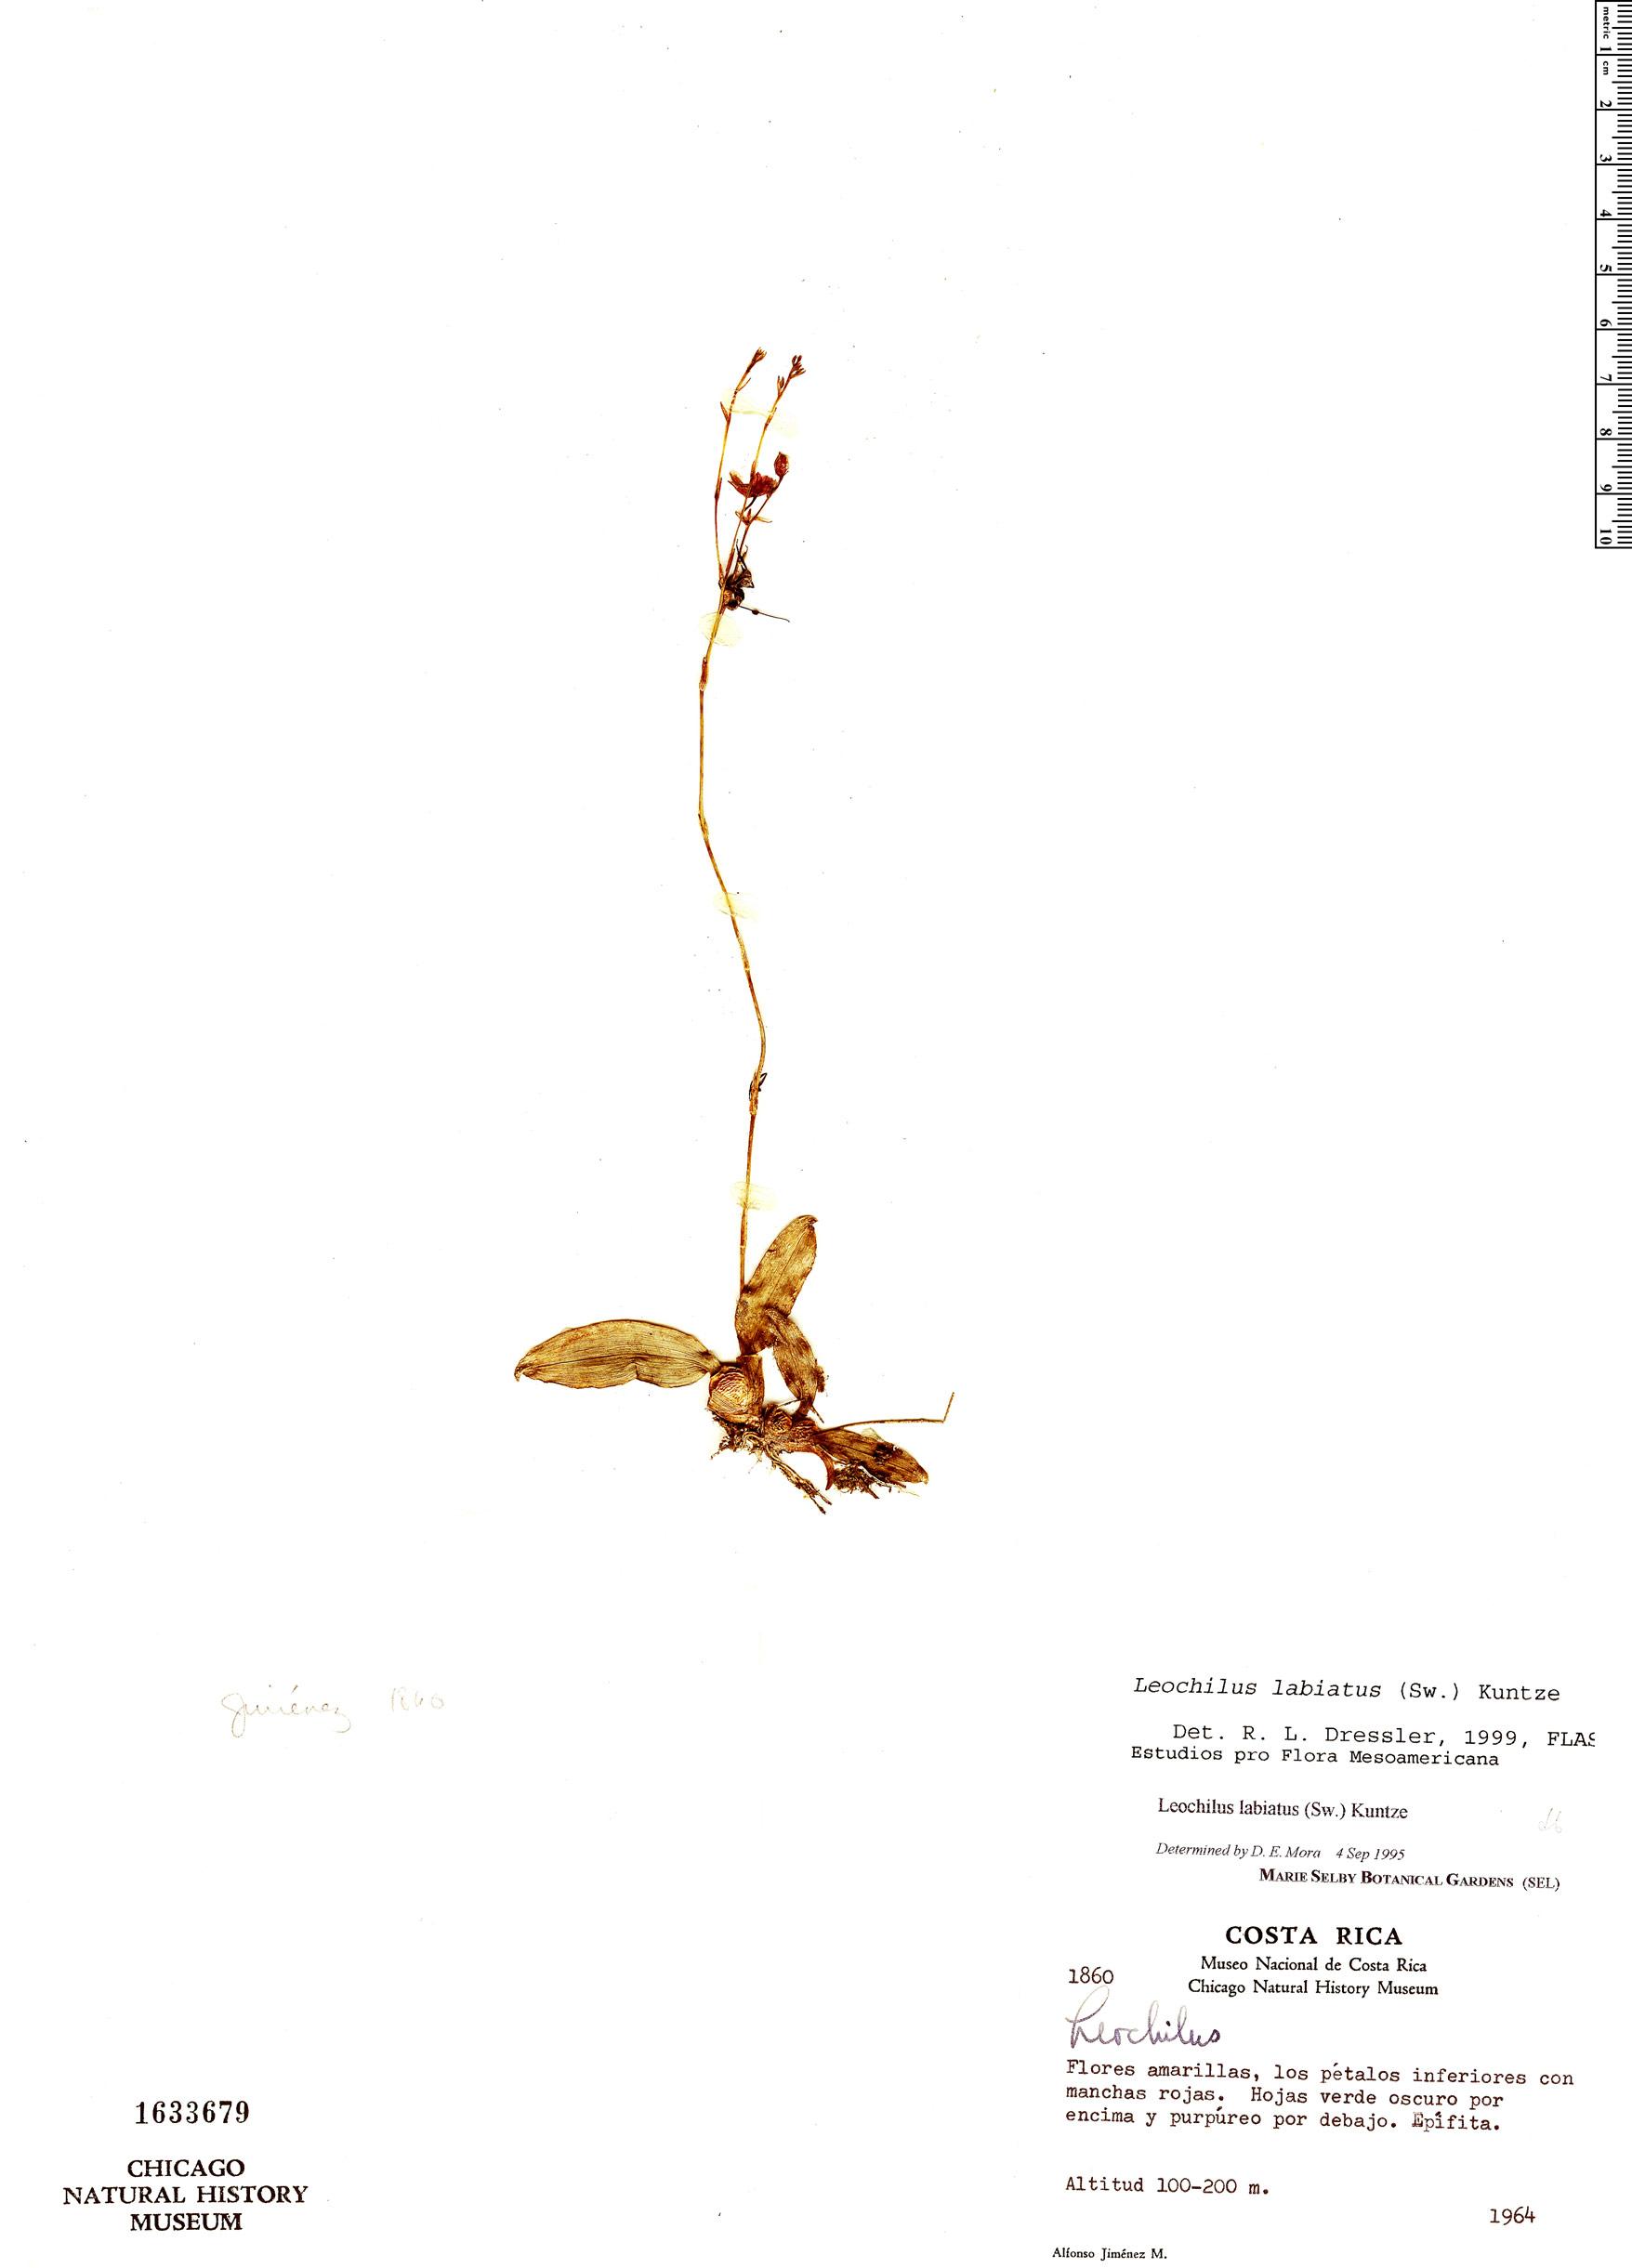 Specimen: Leochilus labiatus